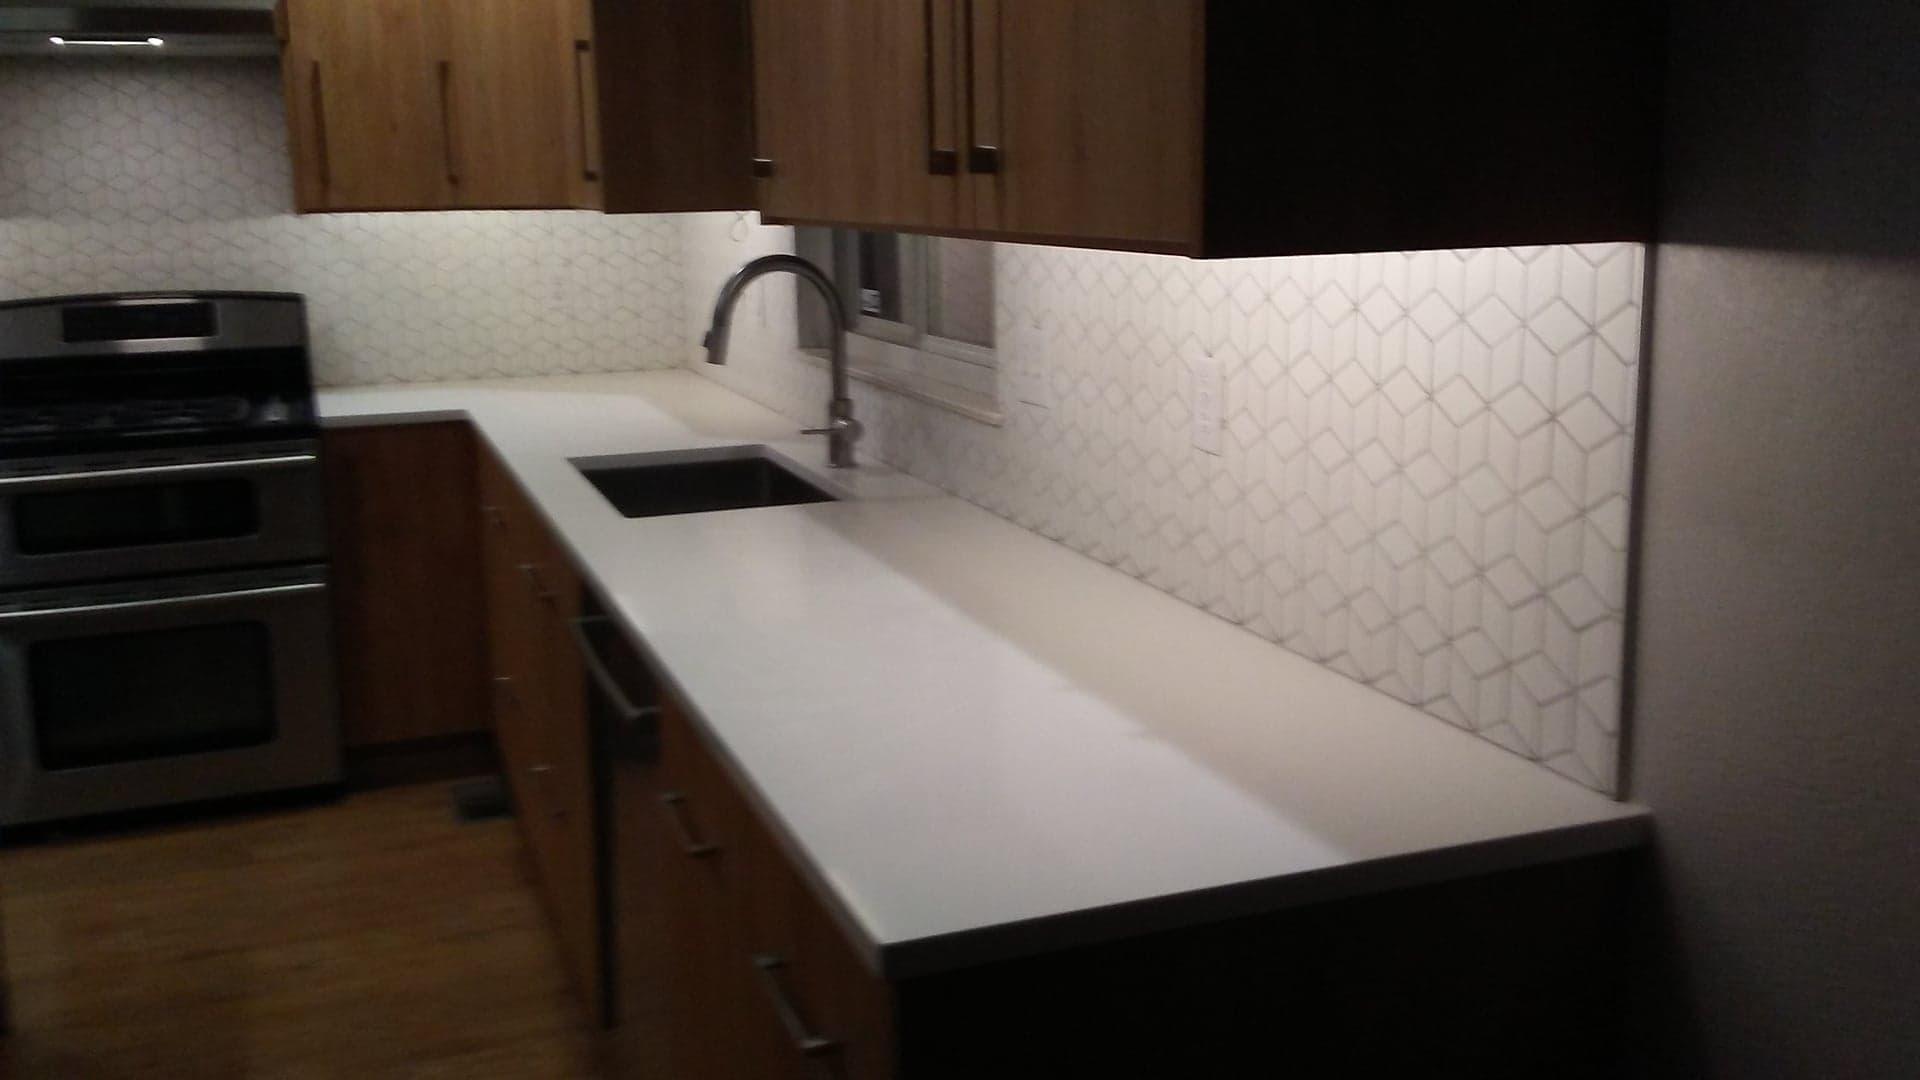 - Professional Tile Installation, Kitchen Backsplash, Tile Floors